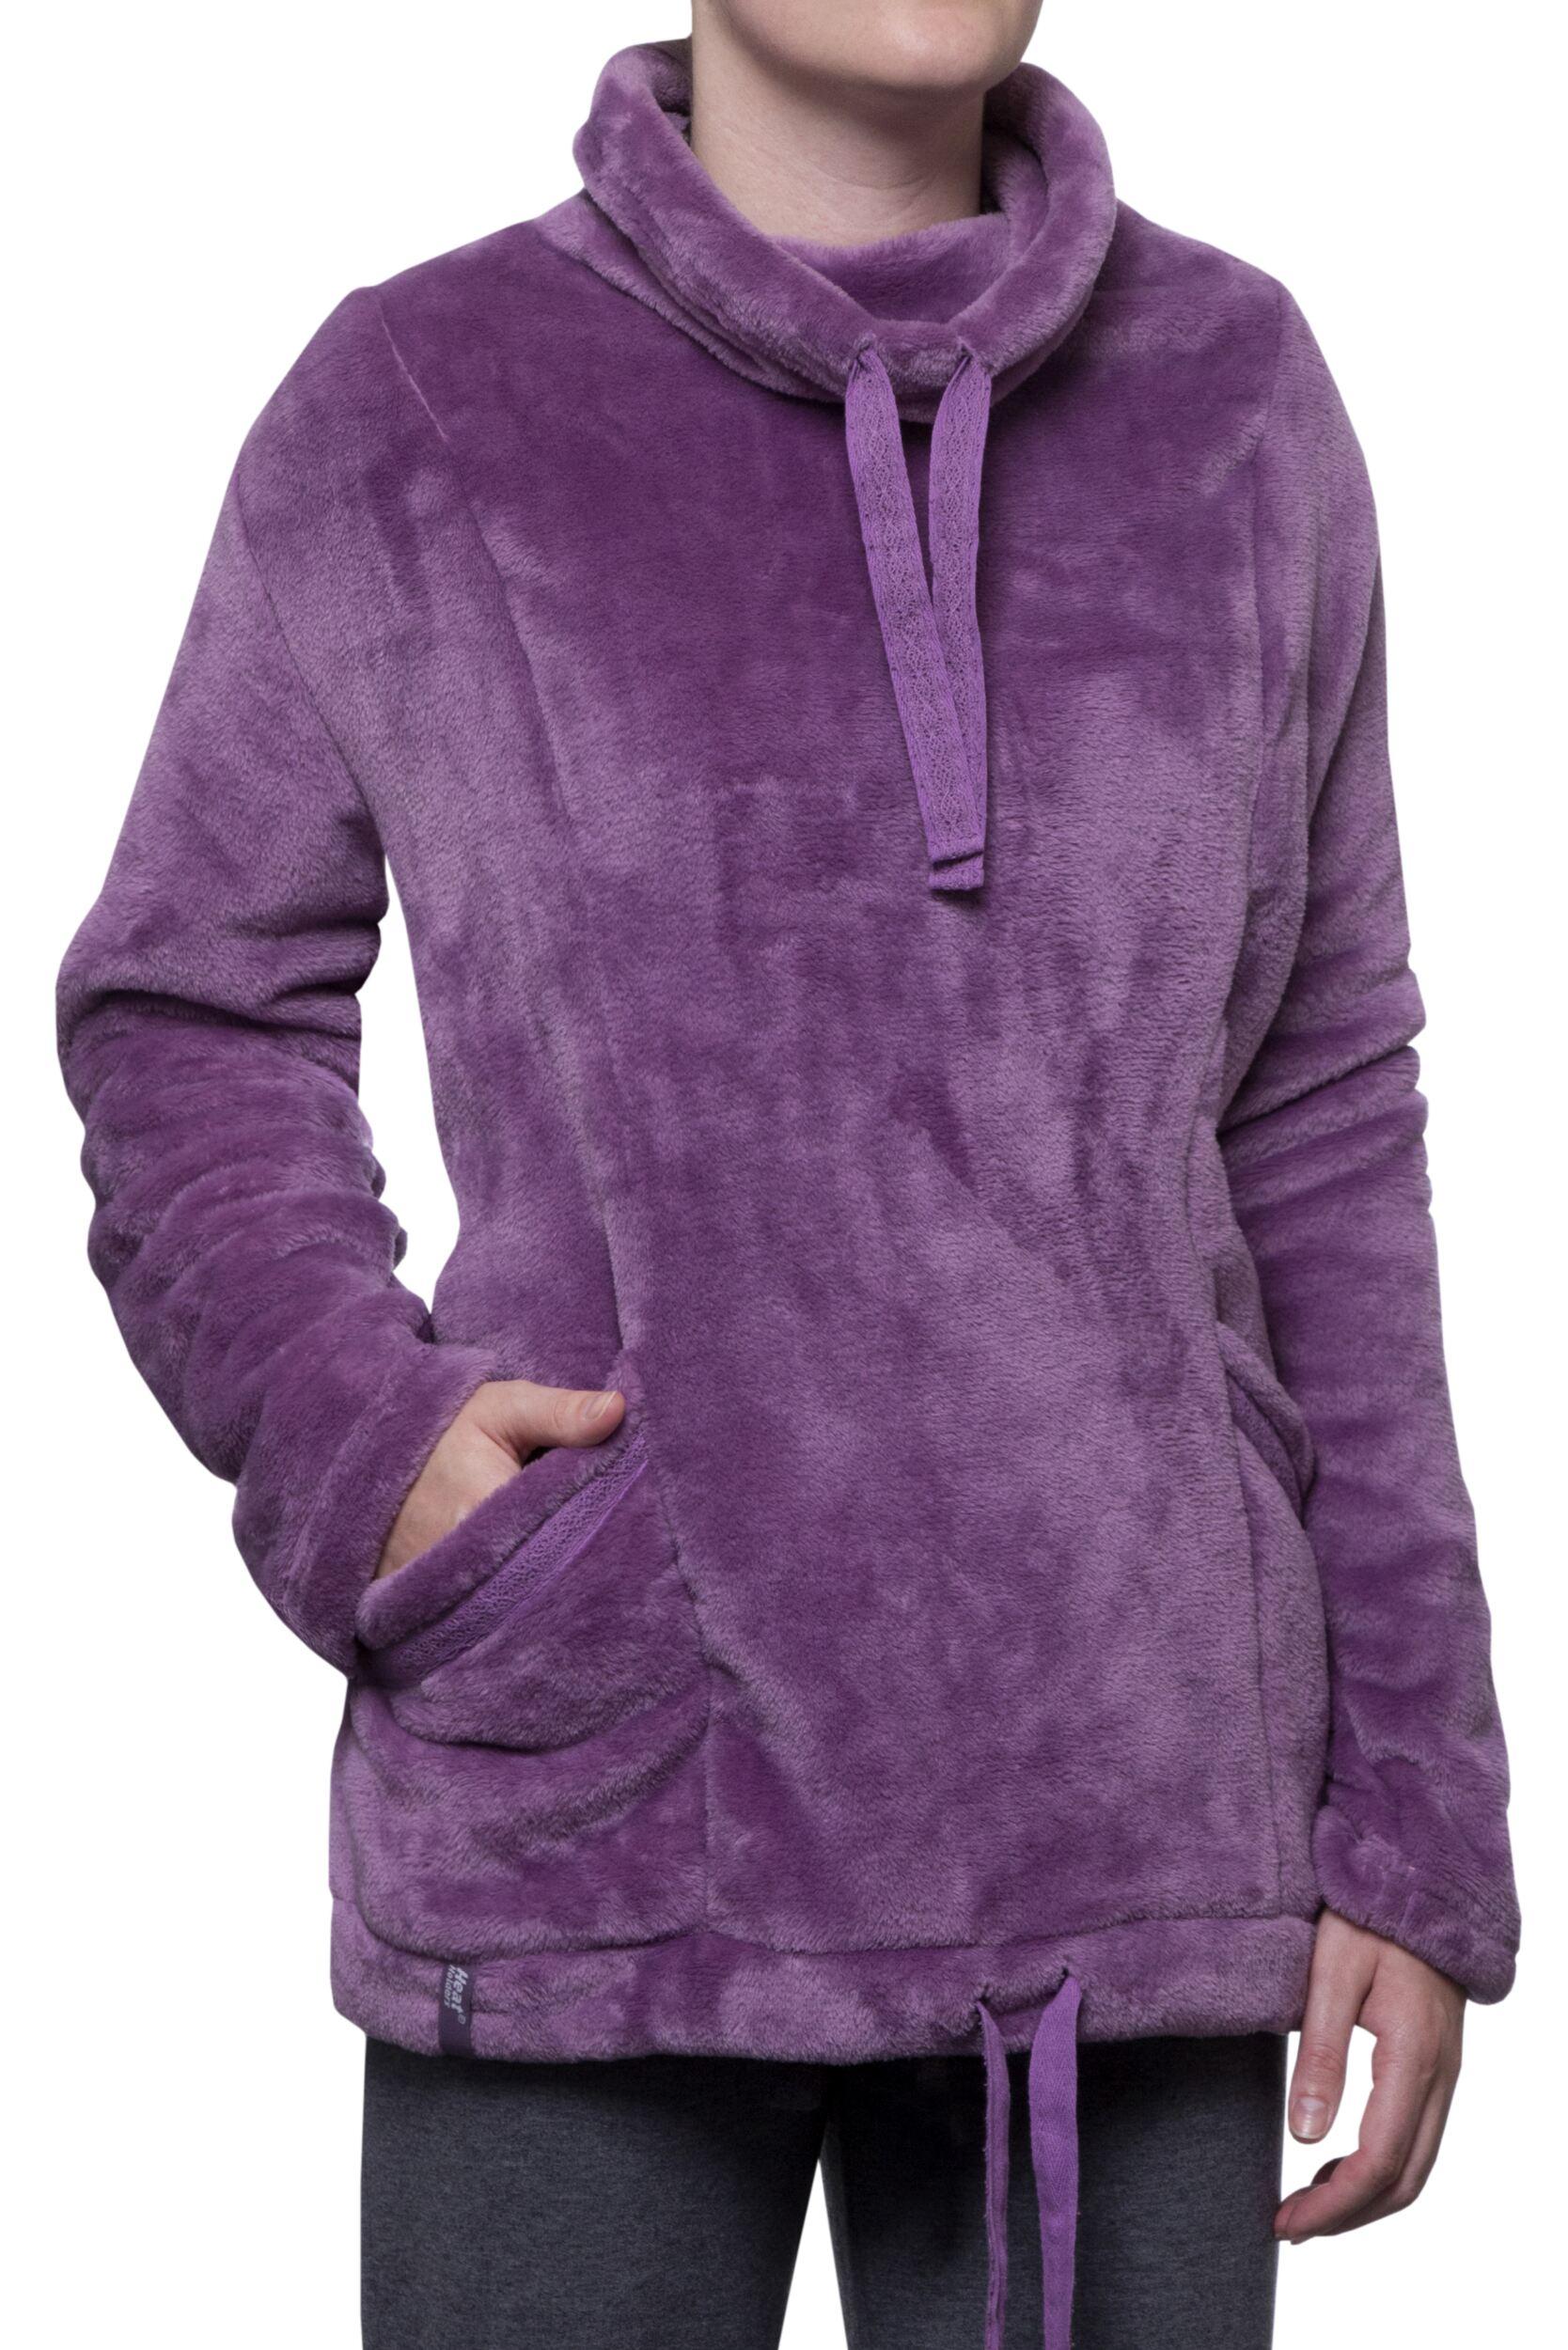 Image of Ladies SockShop Heat Holders Snugover Fleece Jumper In Purple